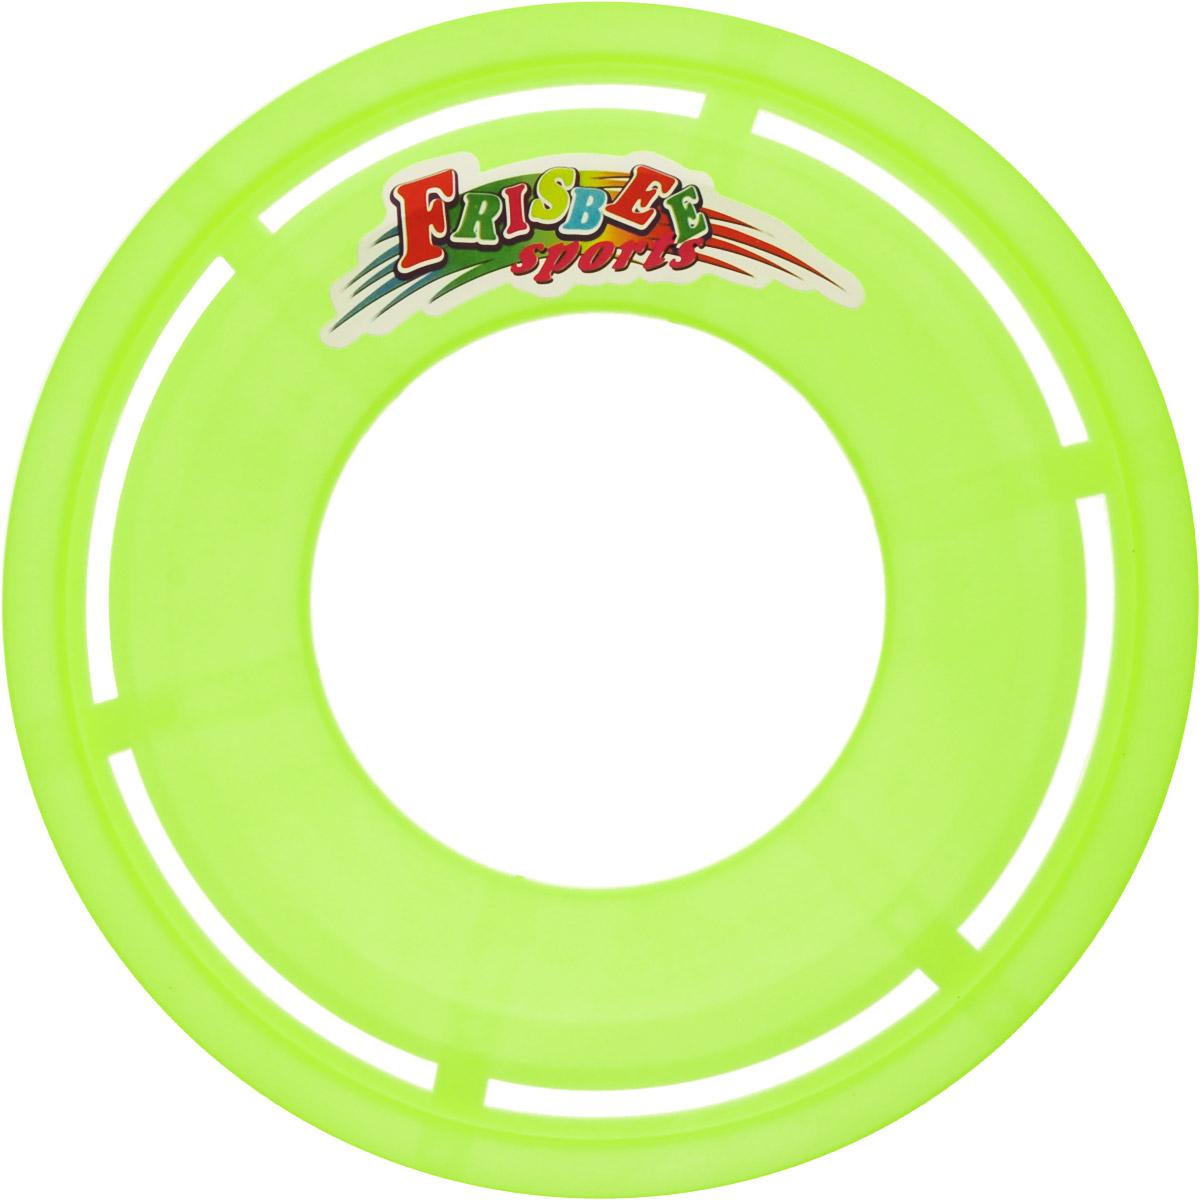 Veld-Co Летающая тарелка цвет желтый неон диаметр 23 см